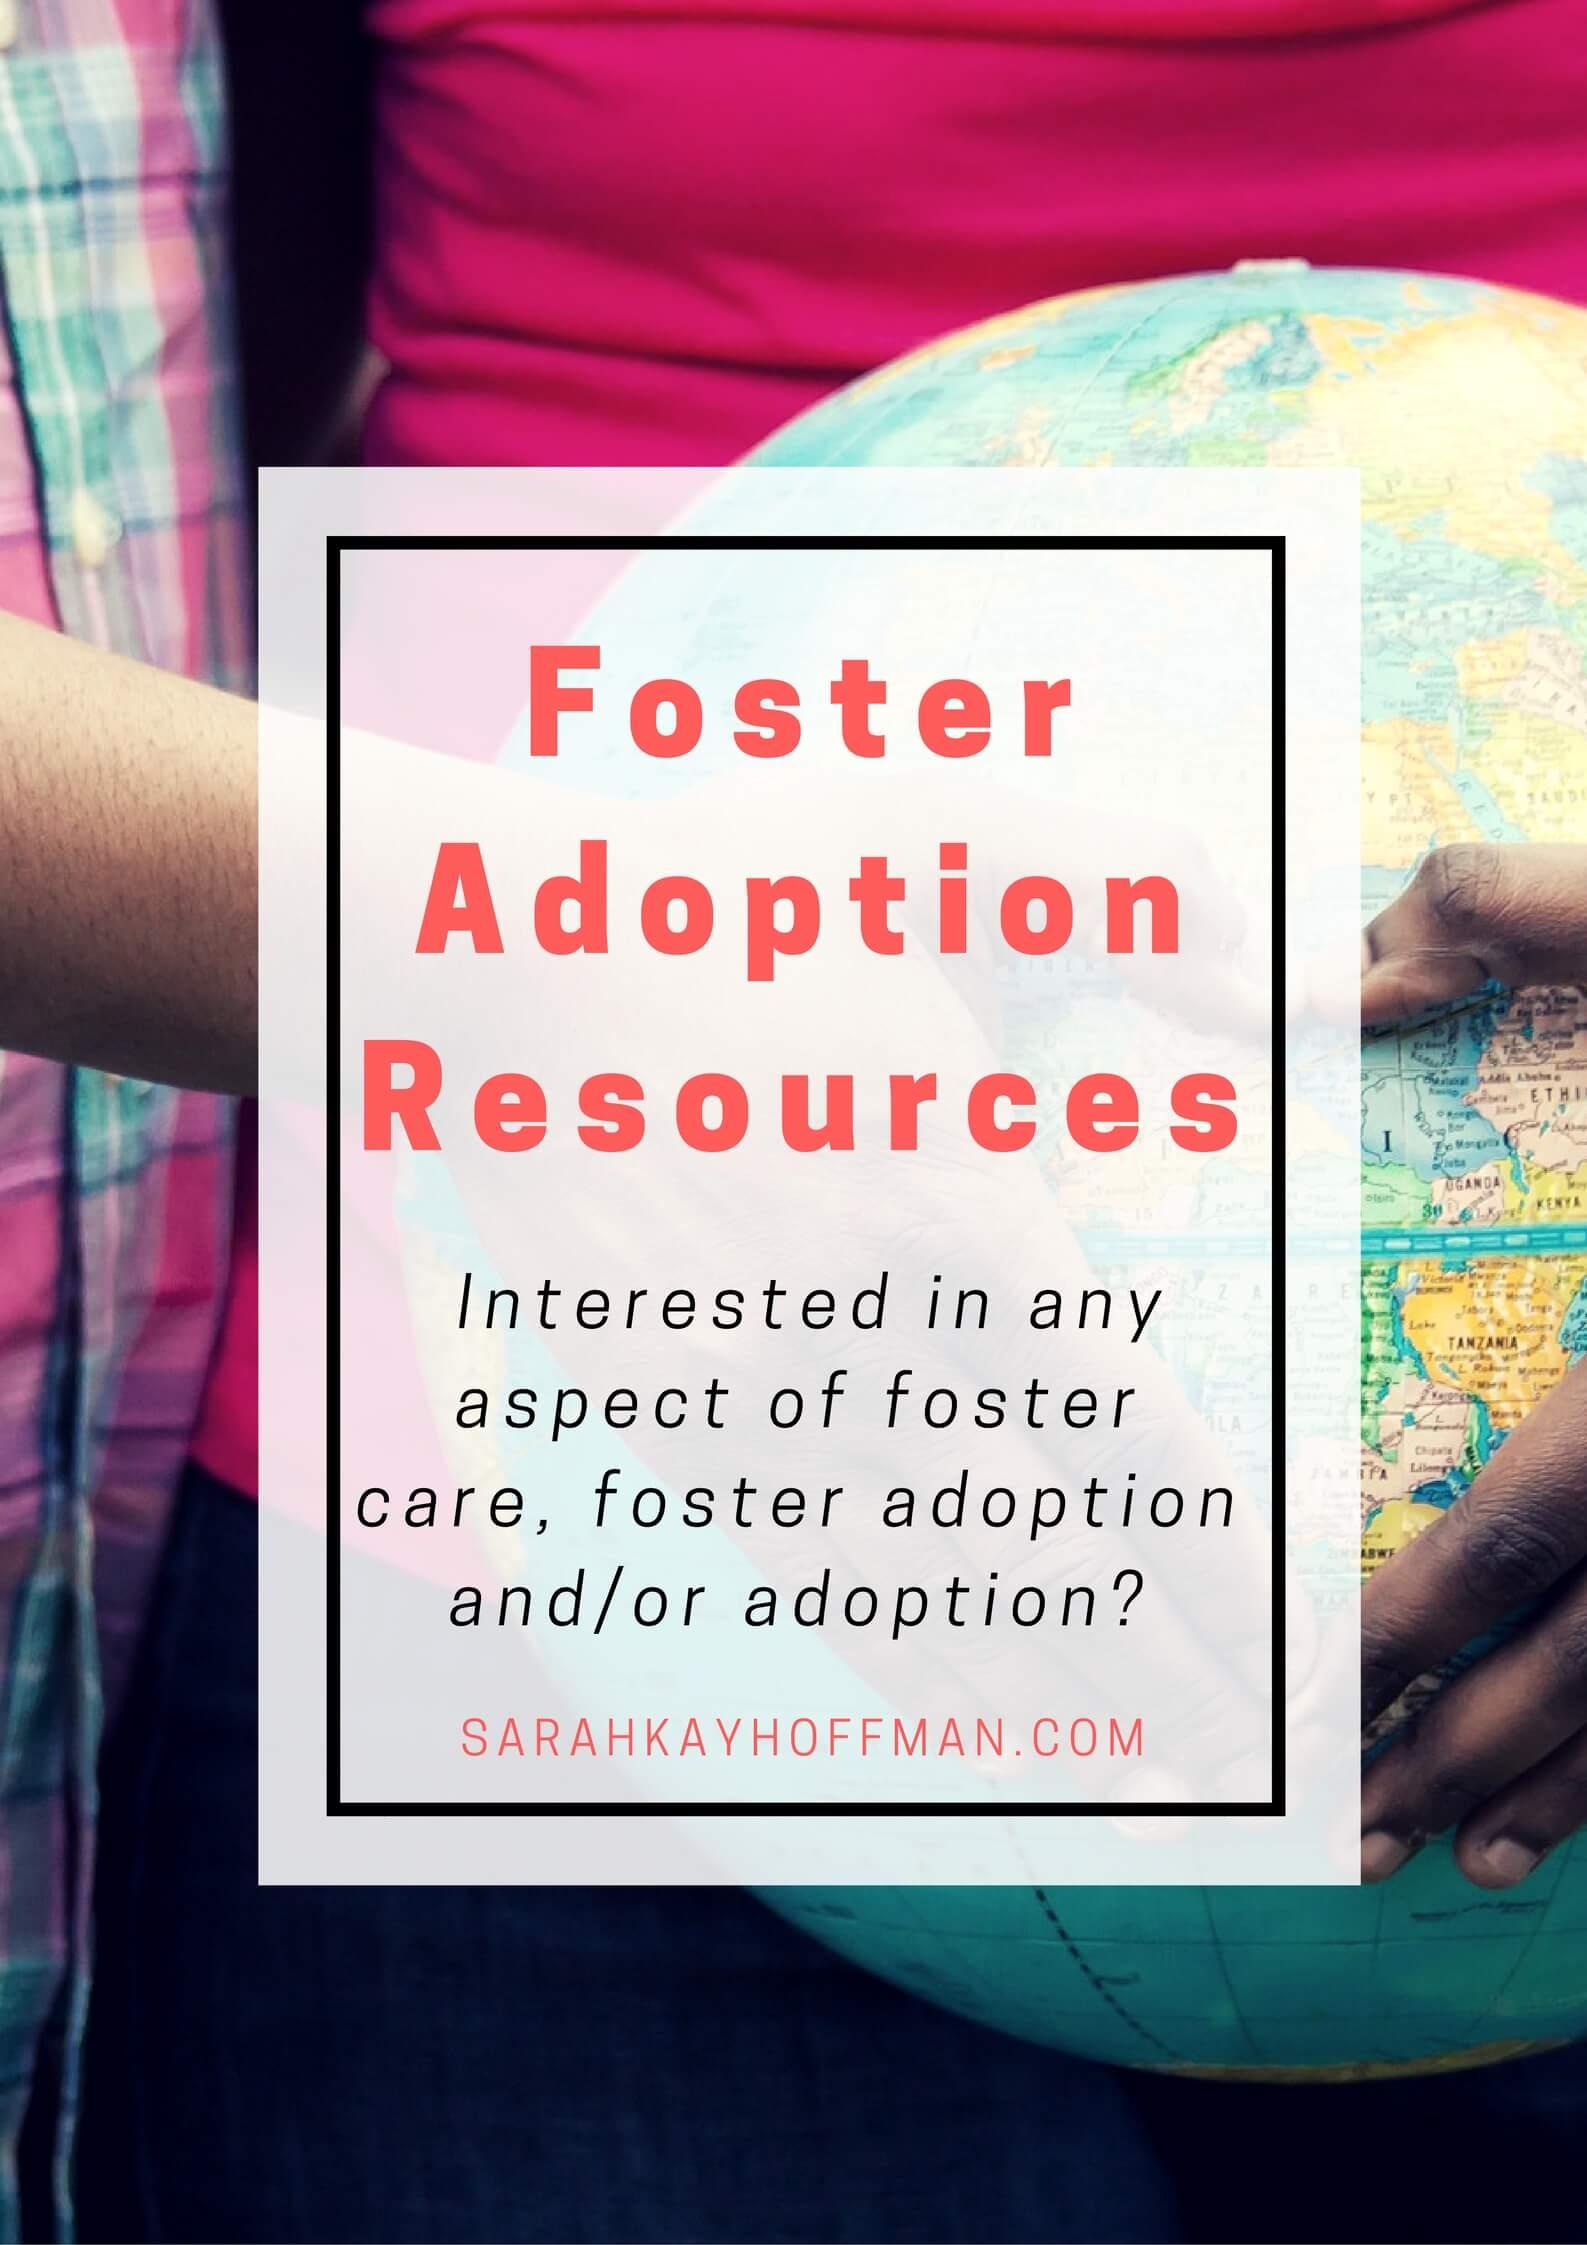 Foster Adoption Resources via sarahkayhoffman.com